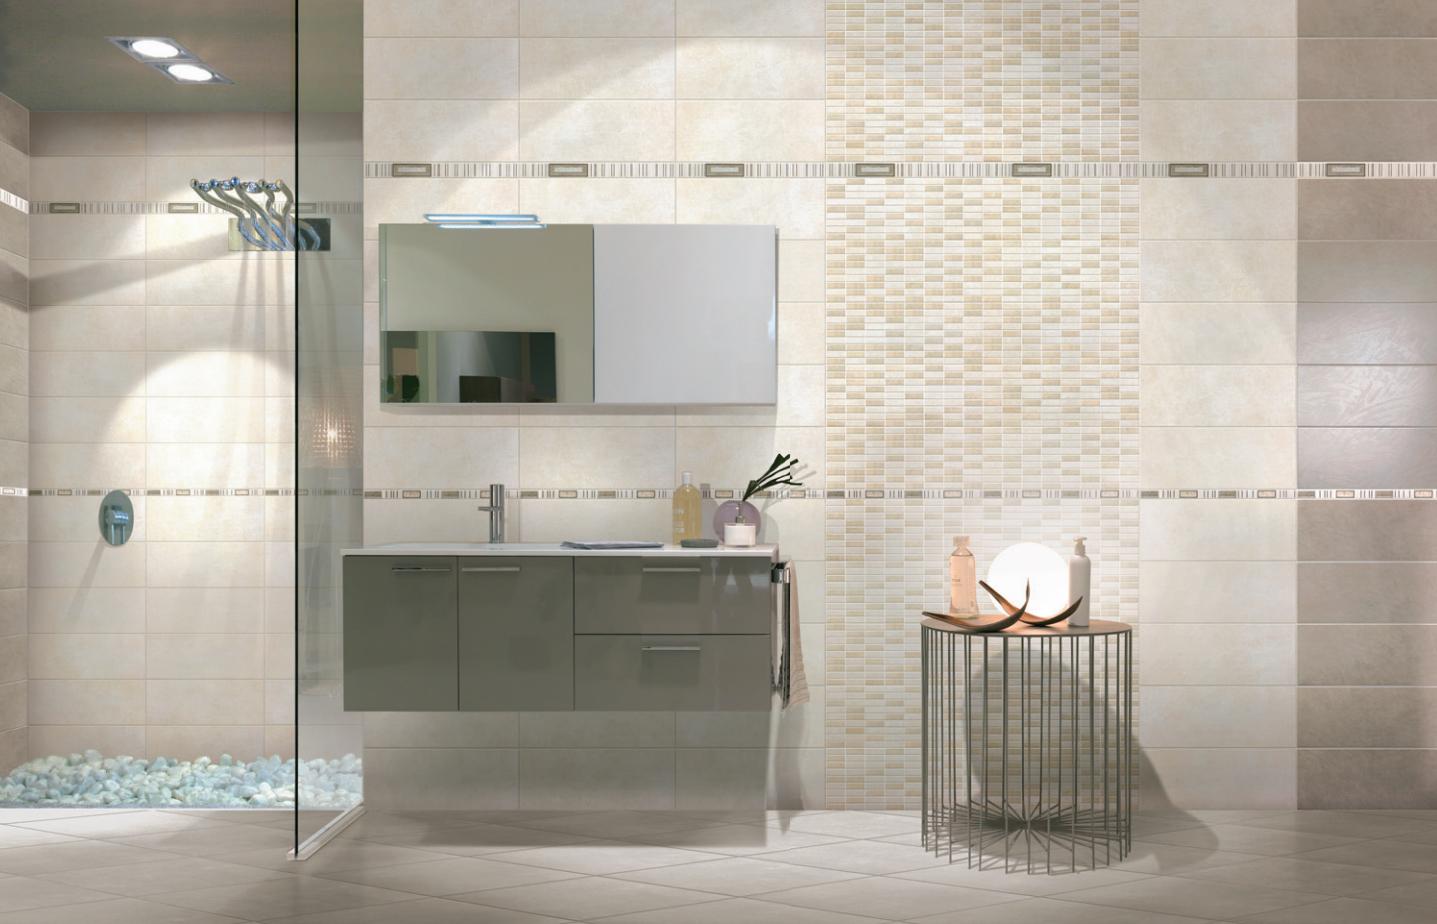 Piastrelle ceramica pavimento rivestimento bagno moderno for Piastrelle bagno piccolo